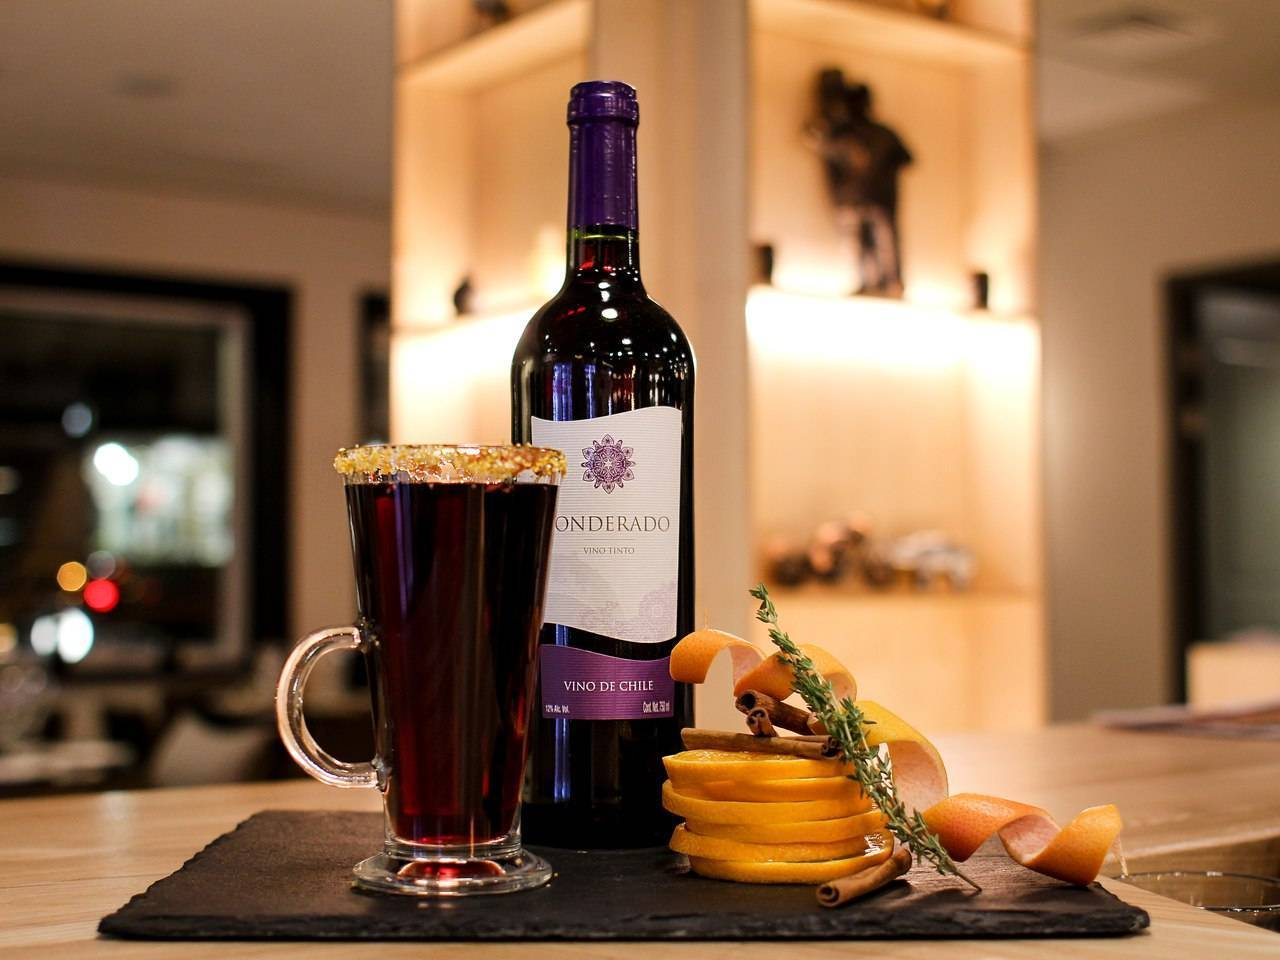 Как приготовить вкусный глинтвейн в домашних условиях из красного вина. рецепты классического глинтвейна; безалкогольного глинтвейна в мультиварке; летнего походного глинтвейна. | inwomen